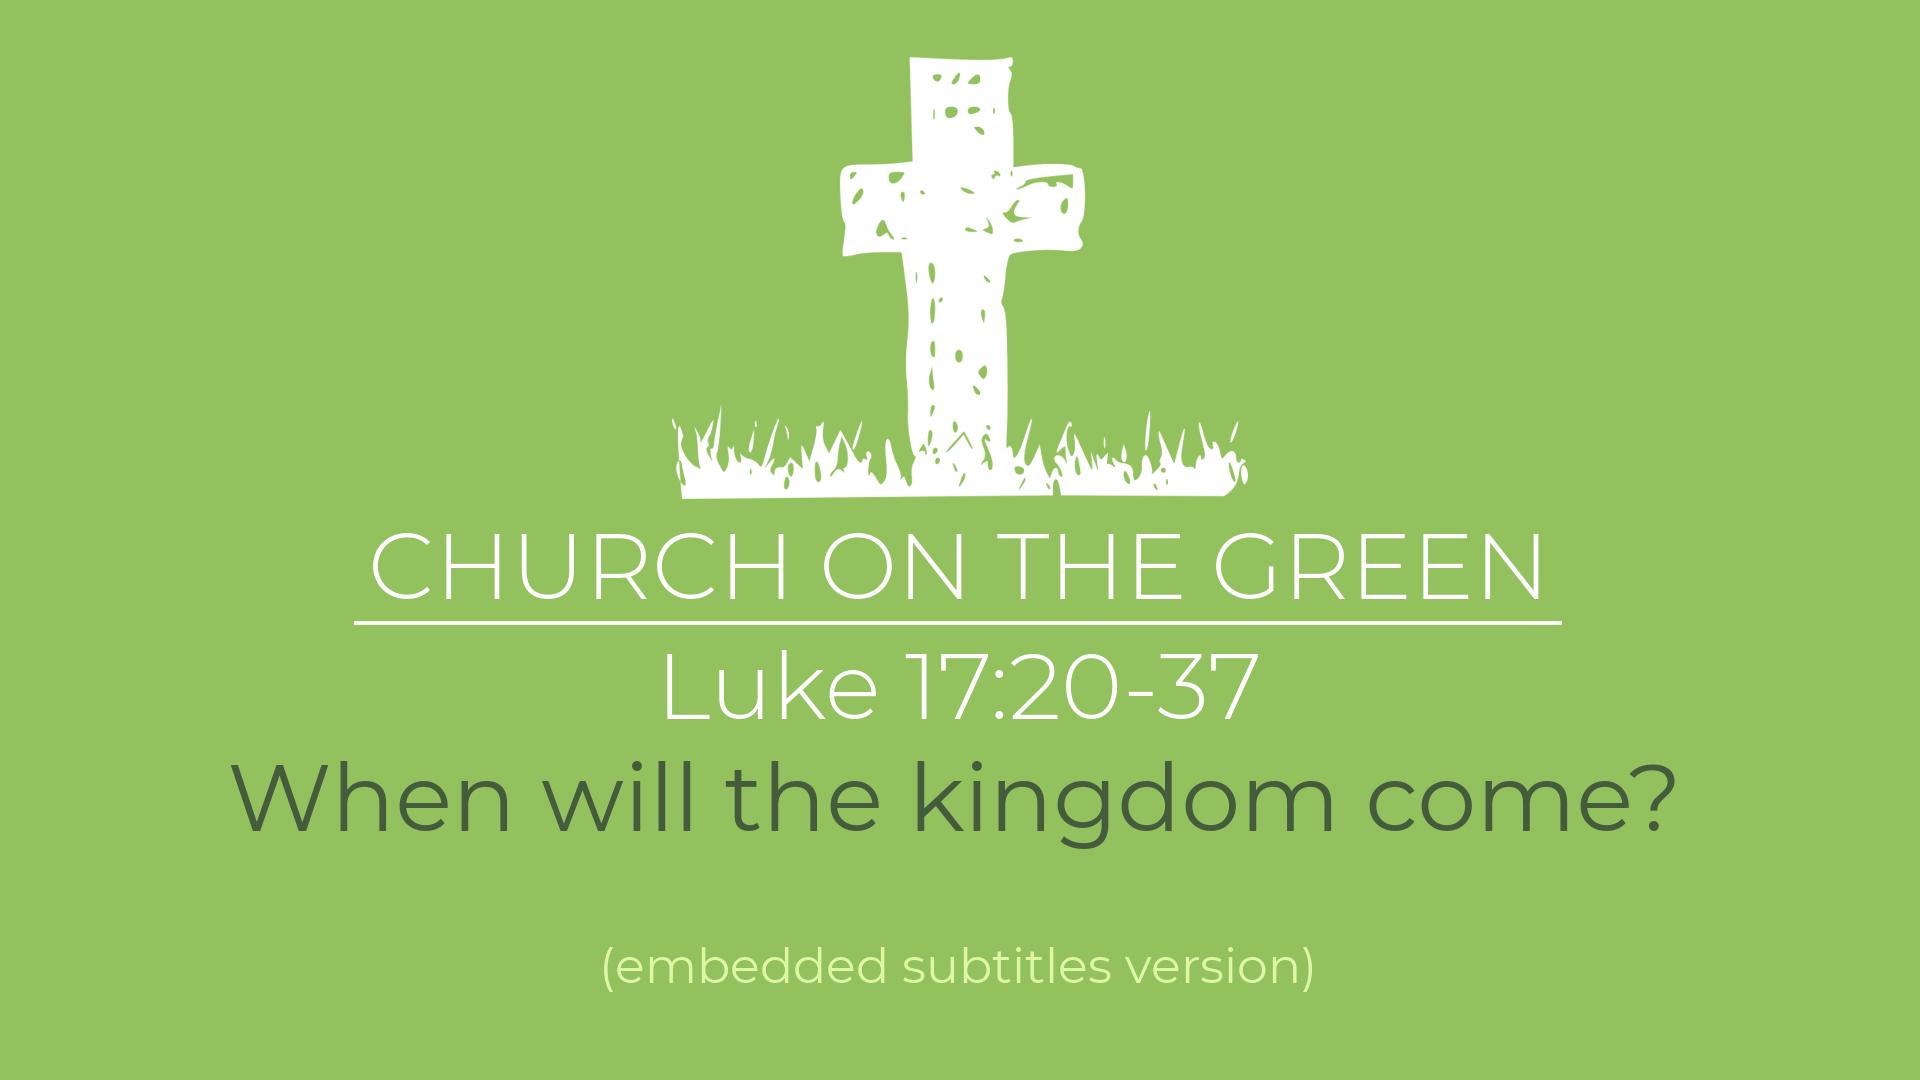 When will the kingdom come? (Luke 17:20-37)